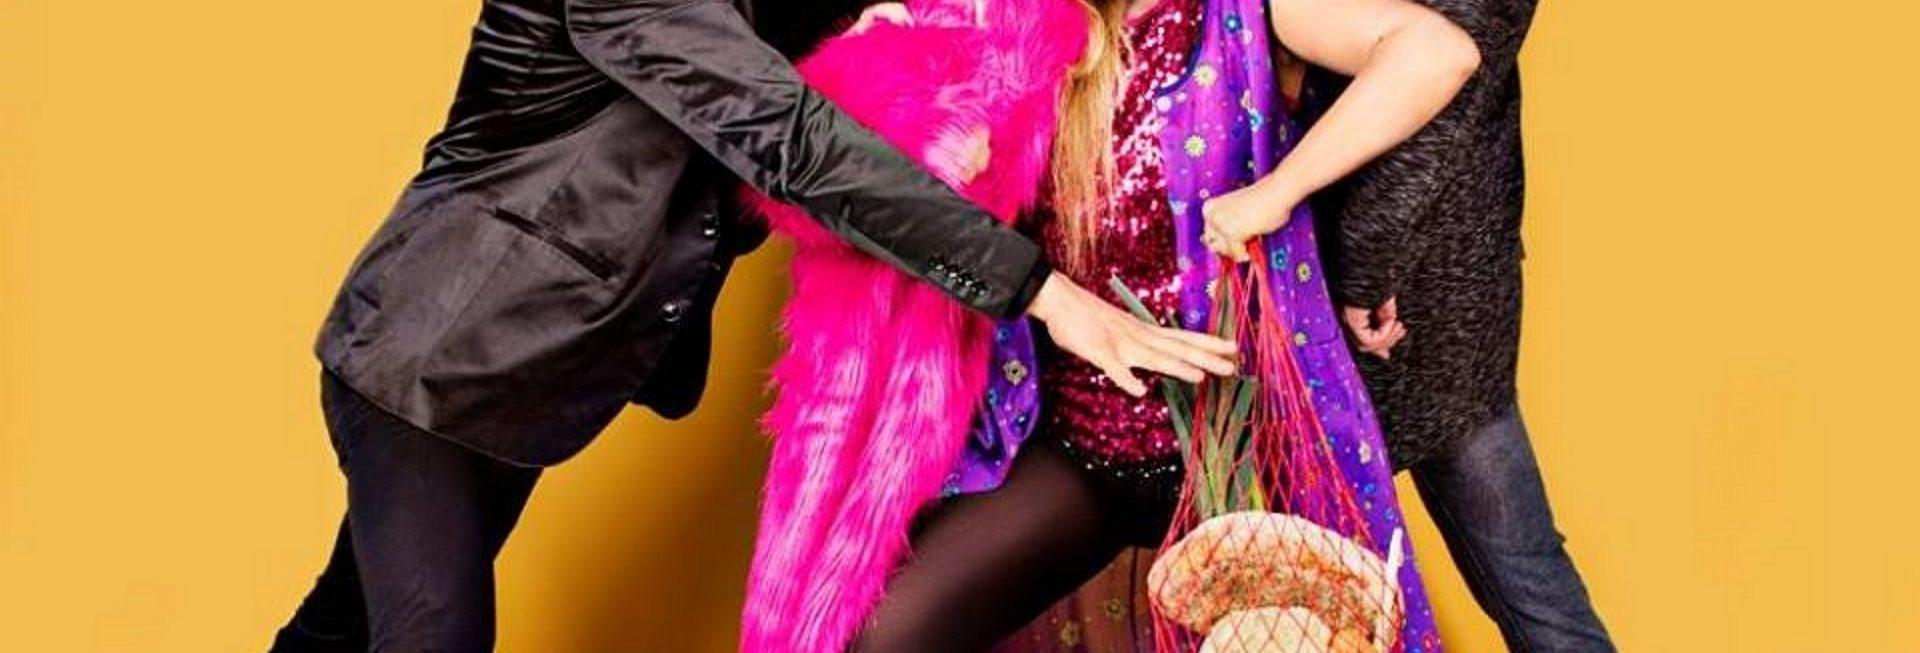 """Zdjęcie zapraszające 26 marca do Giżycka na Kabaret Jurki """"Last minute"""". Na zdjęciu wykonawcy kabaretu Jurki podczas odgrywania sceny kabaretowej."""